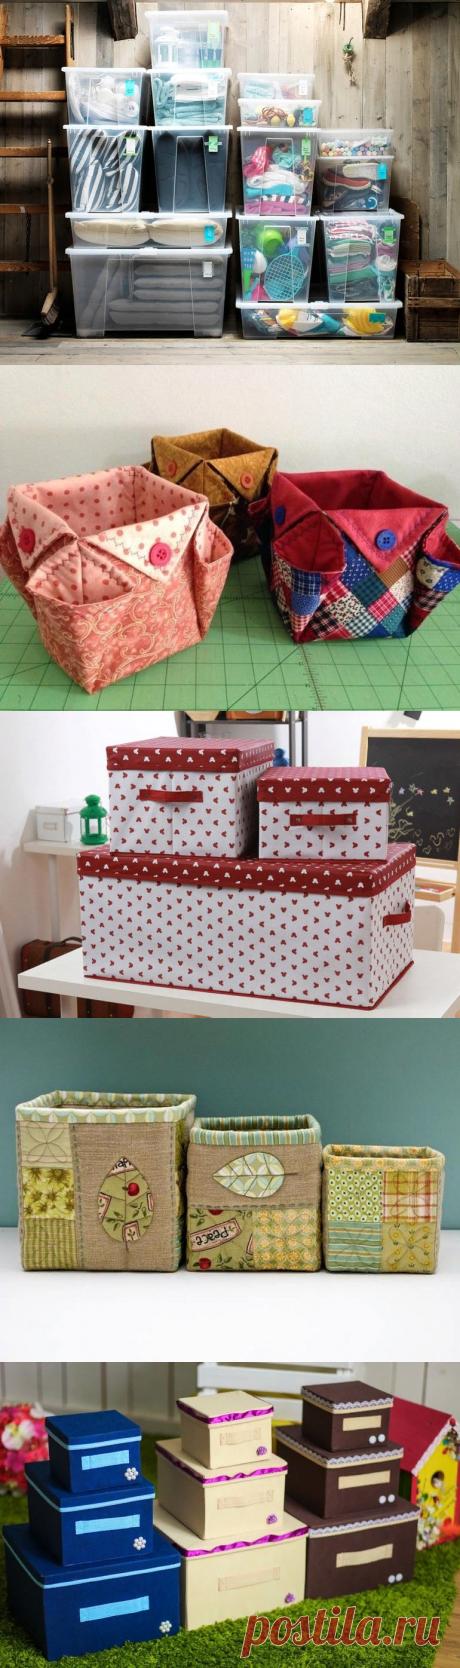 Идеи по изготовлению удобных и красивых коробок для хранения вещей: декор деревянного и бумажного ящика